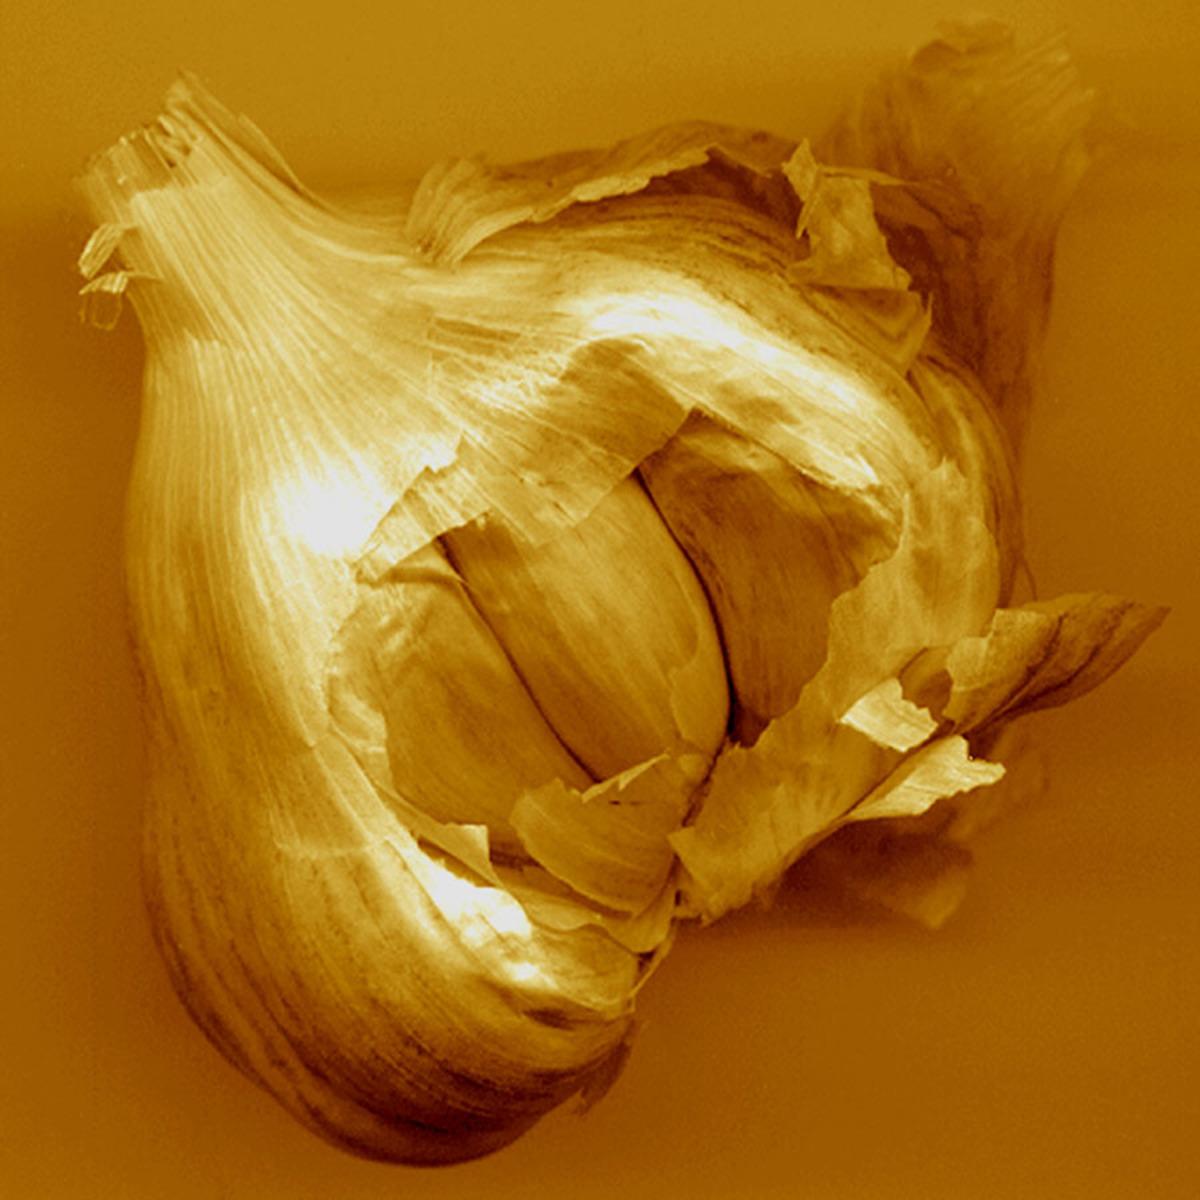 Golden Garlic (large view)